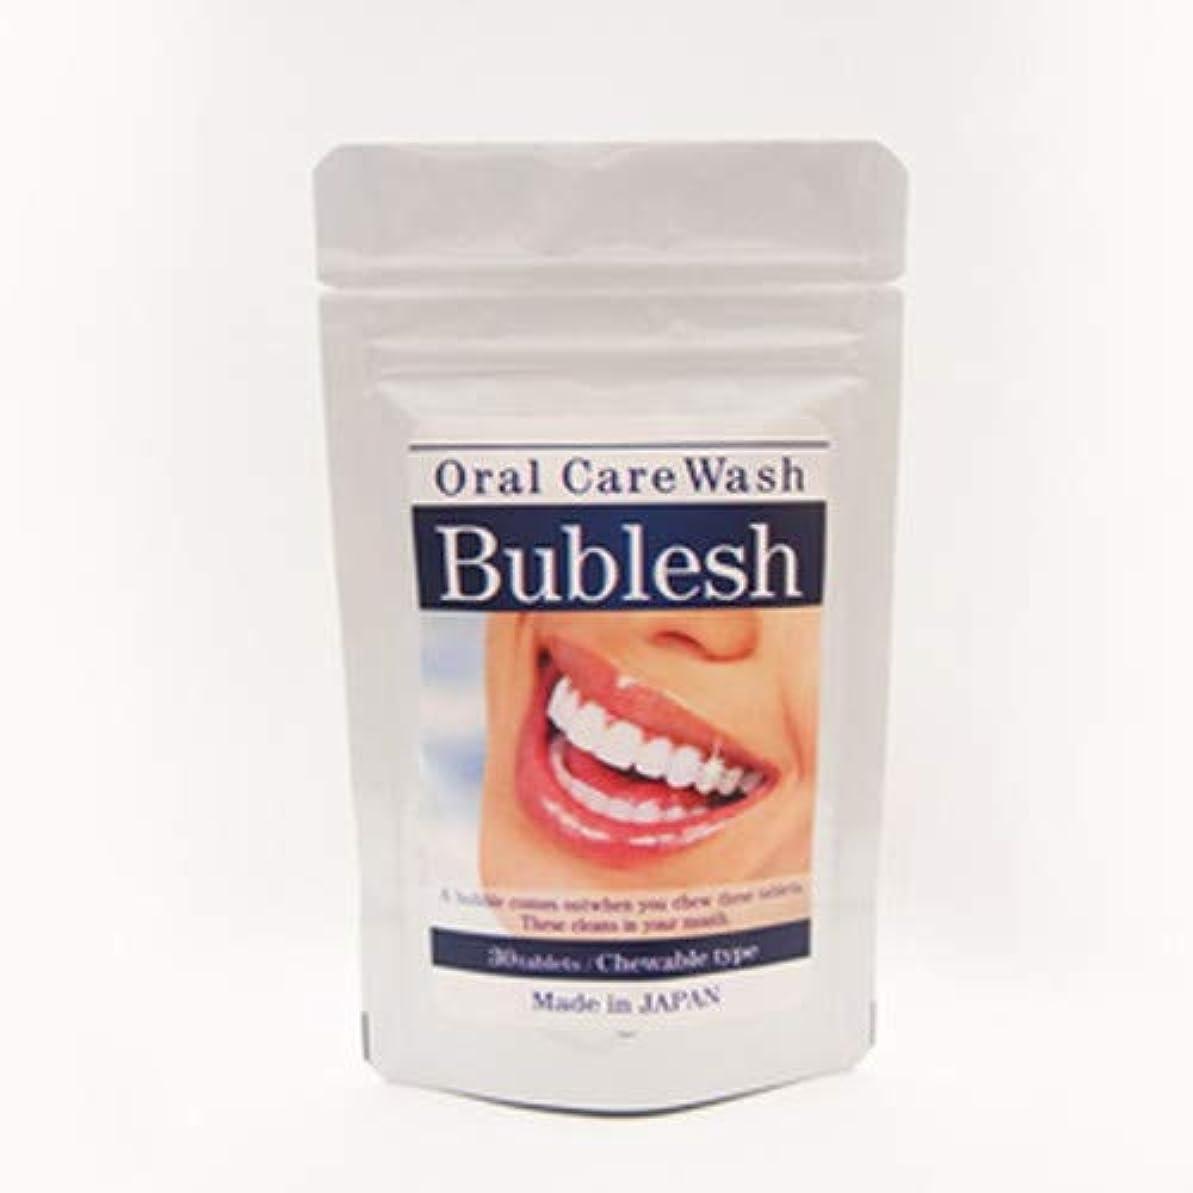 体操選手ワイプ完全に乾く【オーラルケアウォッシュバブレッシュ】 30 粒 炭酸 タブレット 歯磨き